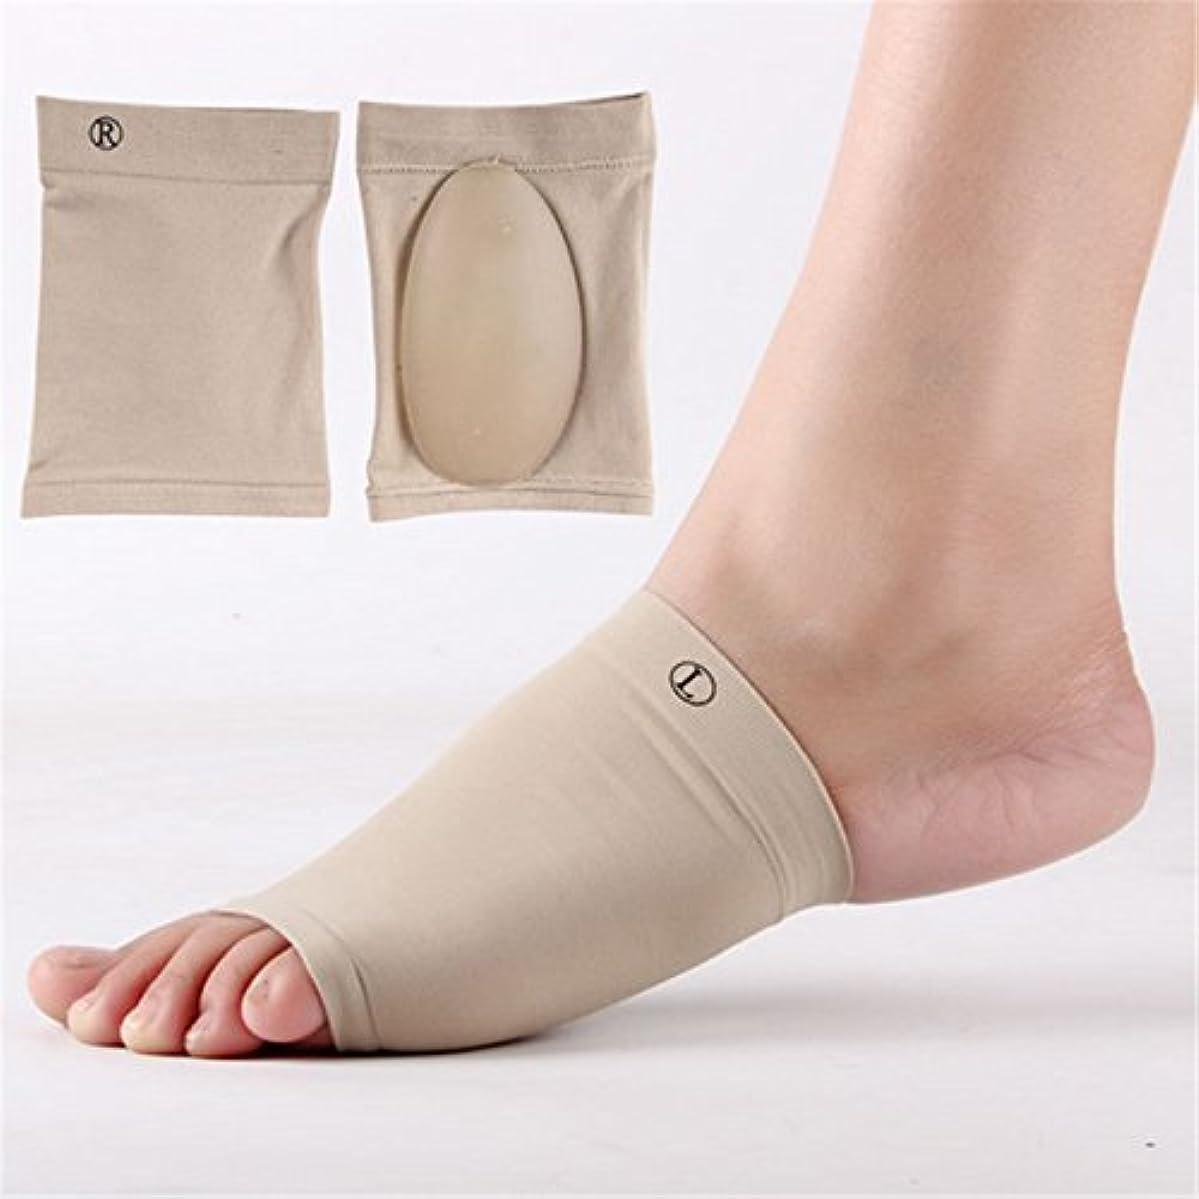 病なボタン愛されし者Lorny(TM)1Pairジェル足底筋膜炎アーチサポートスリーブアーチソックスかかとクッションフラット足の整形外科靴パッドフットケア [並行輸入品]